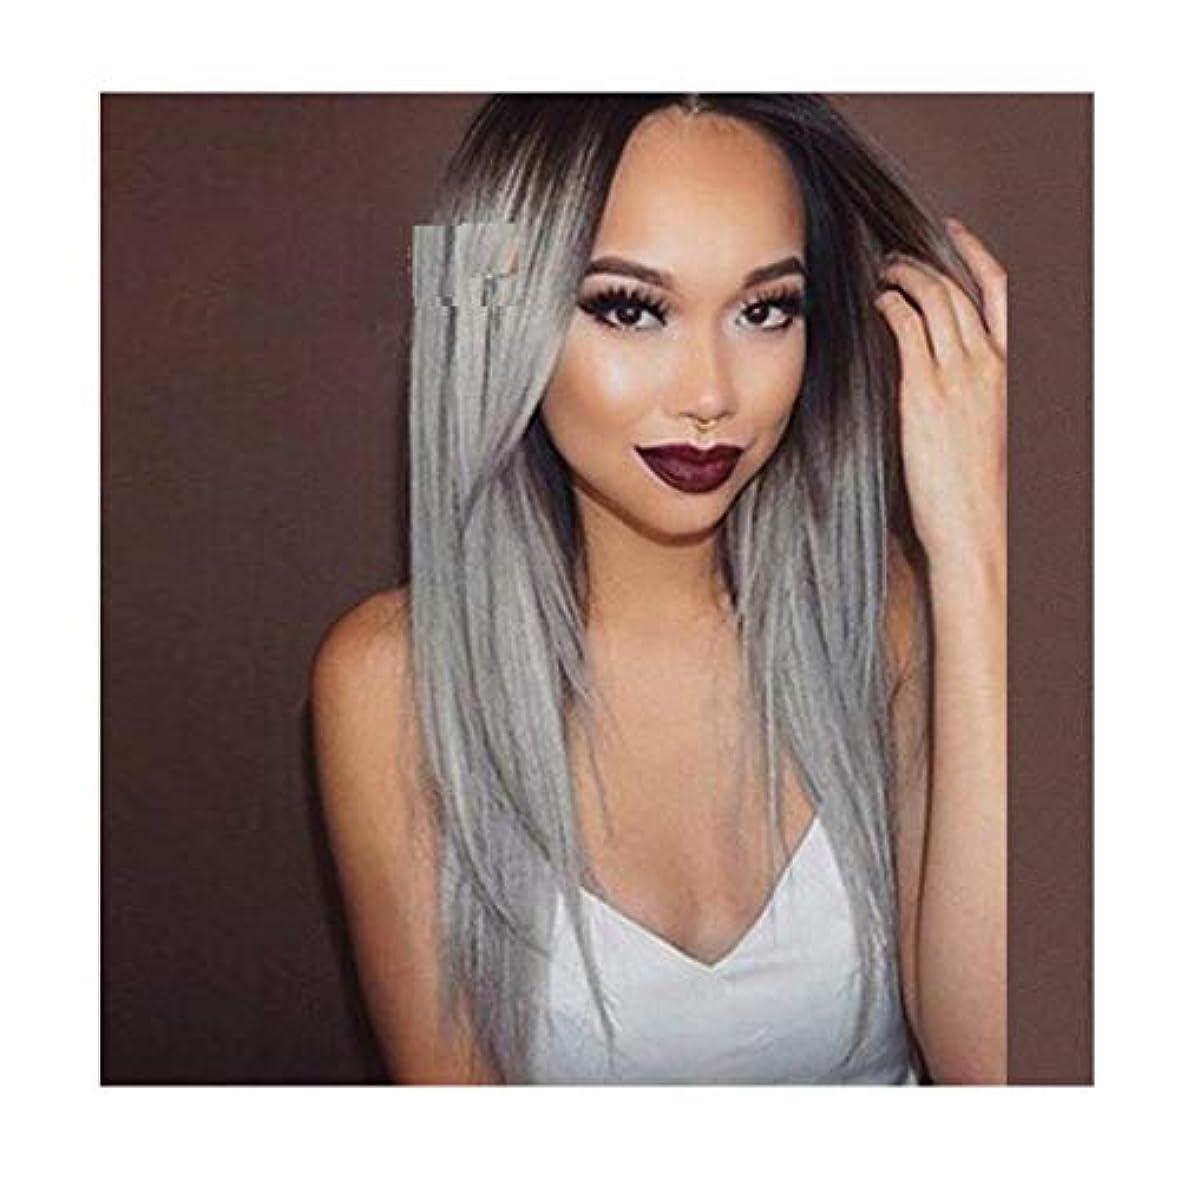 ビルマユダヤ人過度にかつら女性おしゃれなグラデーションロングストレートヘア6色を選択することができますコスプレ高品質女性パーティーかつら (Color : BLACK GRADIENT LINEN)